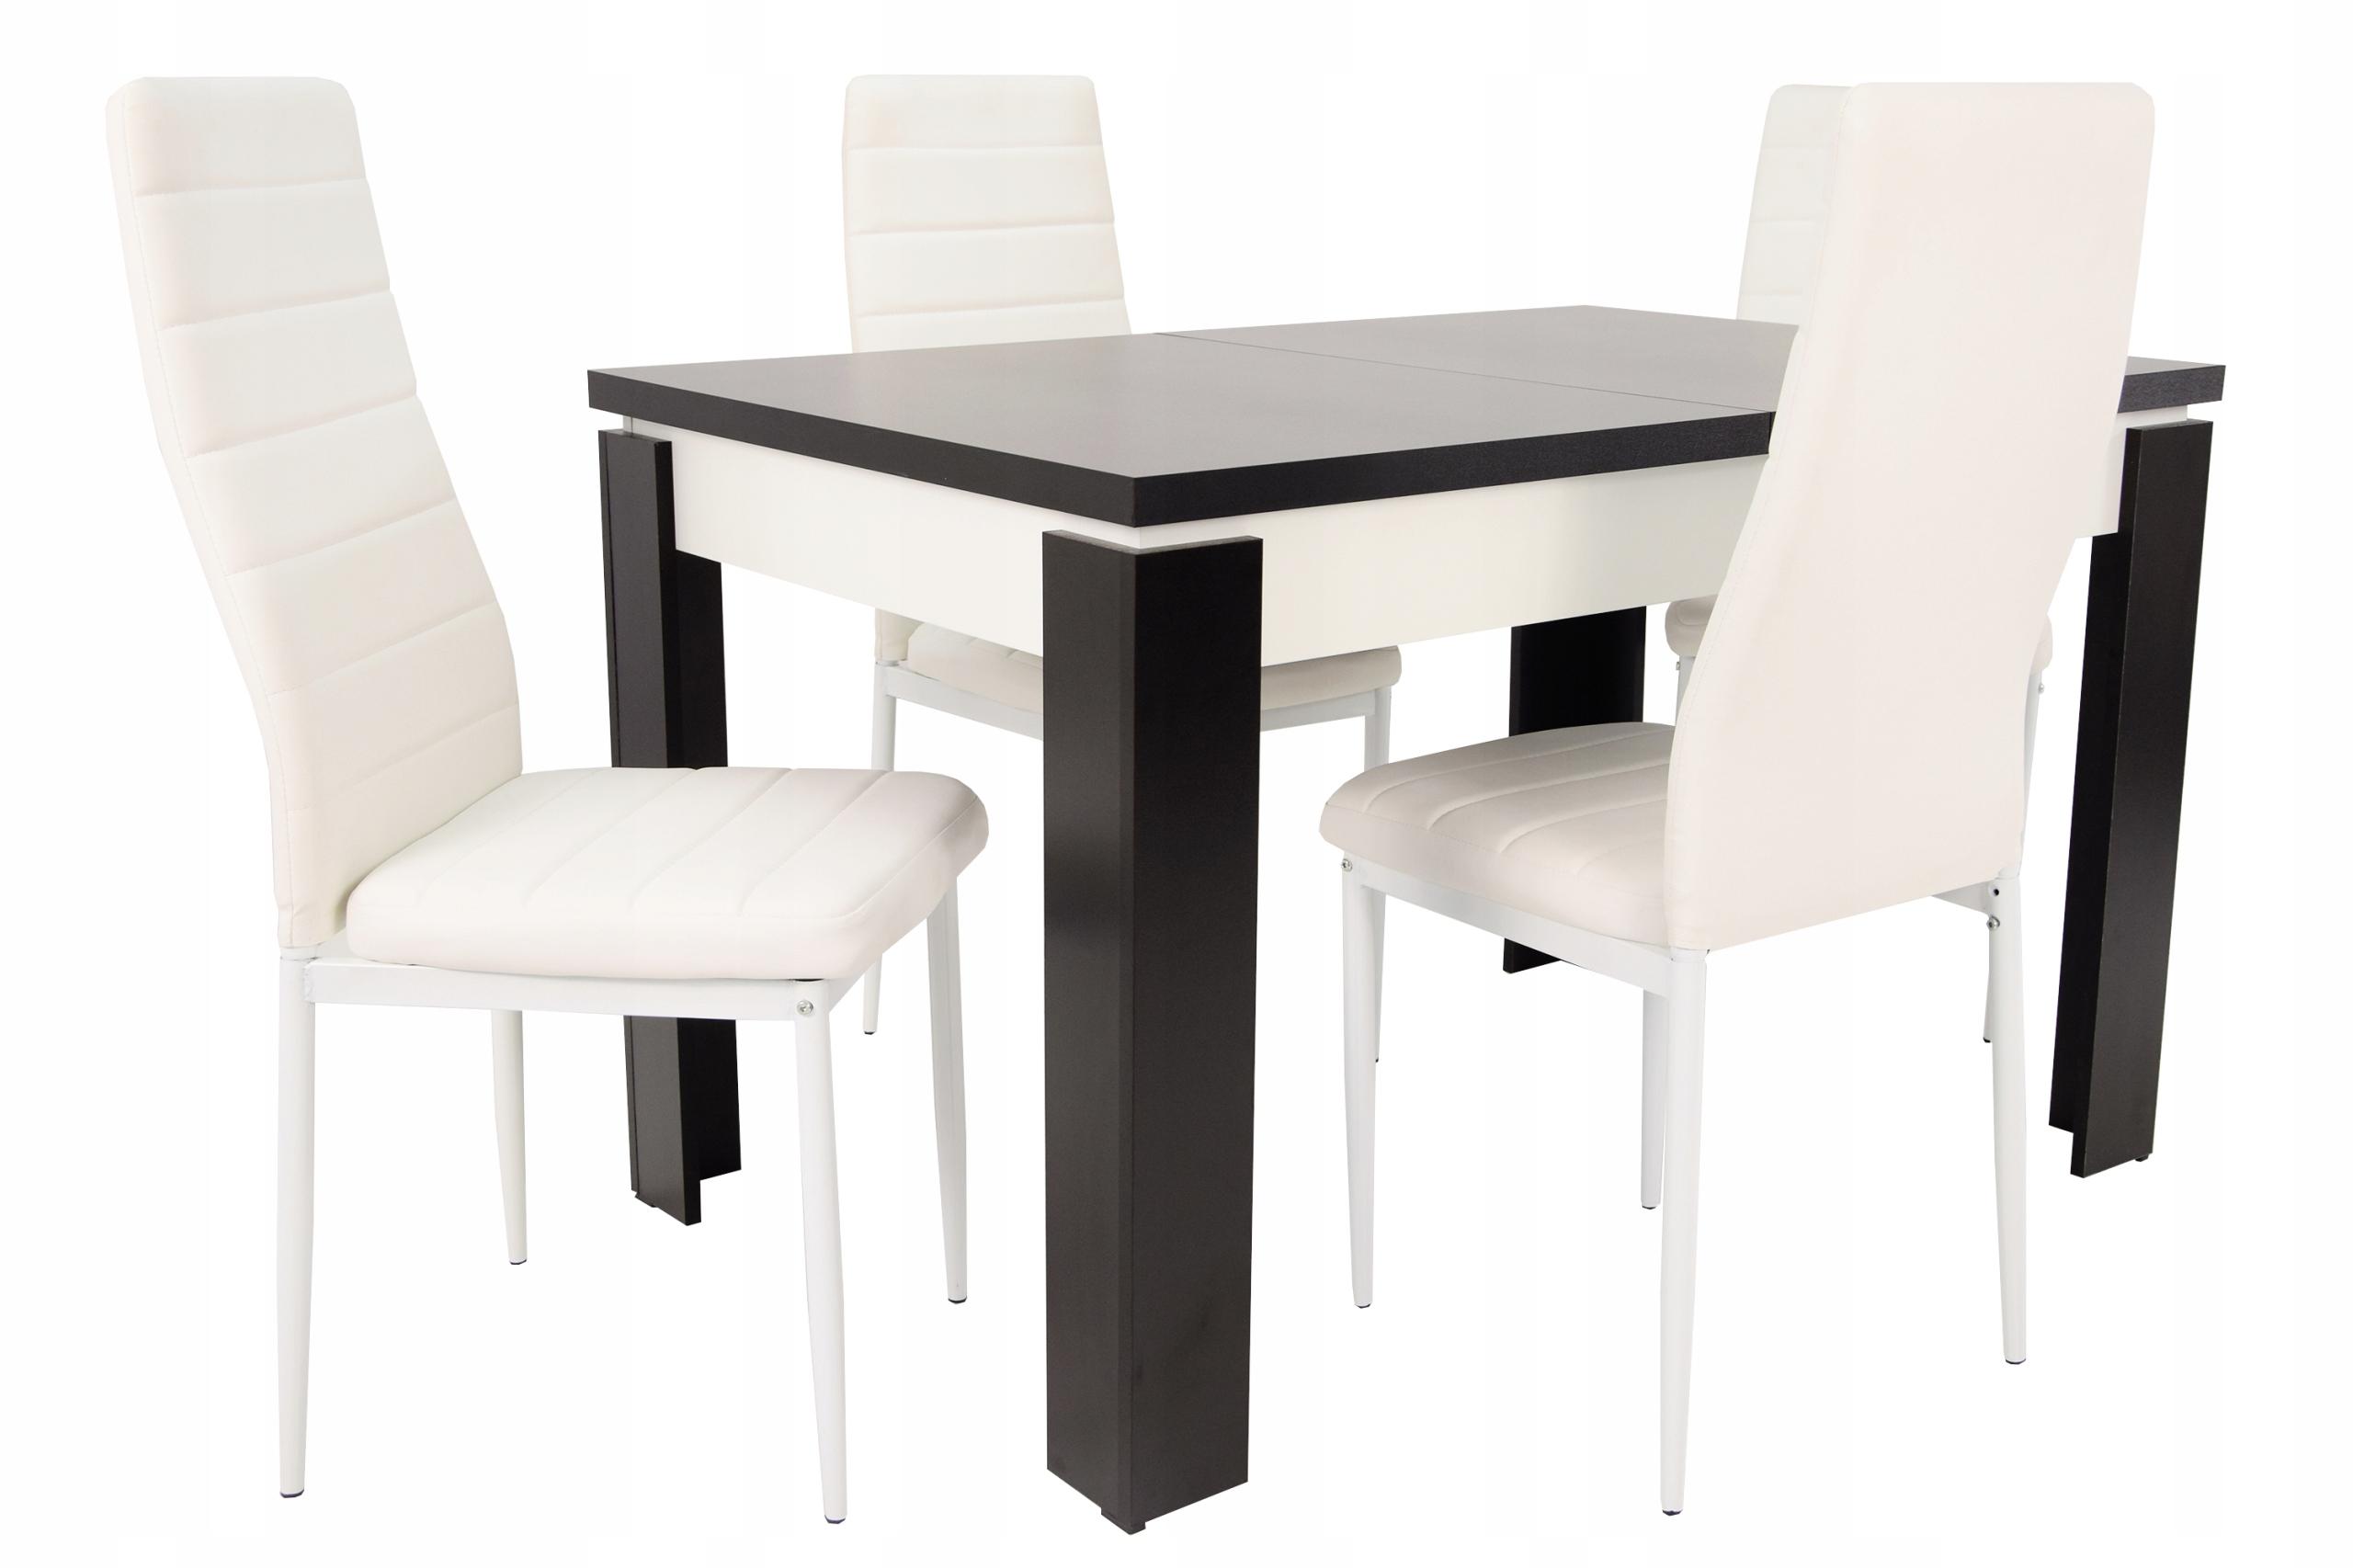 4 stoličky + stôl skladanie NAJRÔZNEJŠÍCH FARIEB